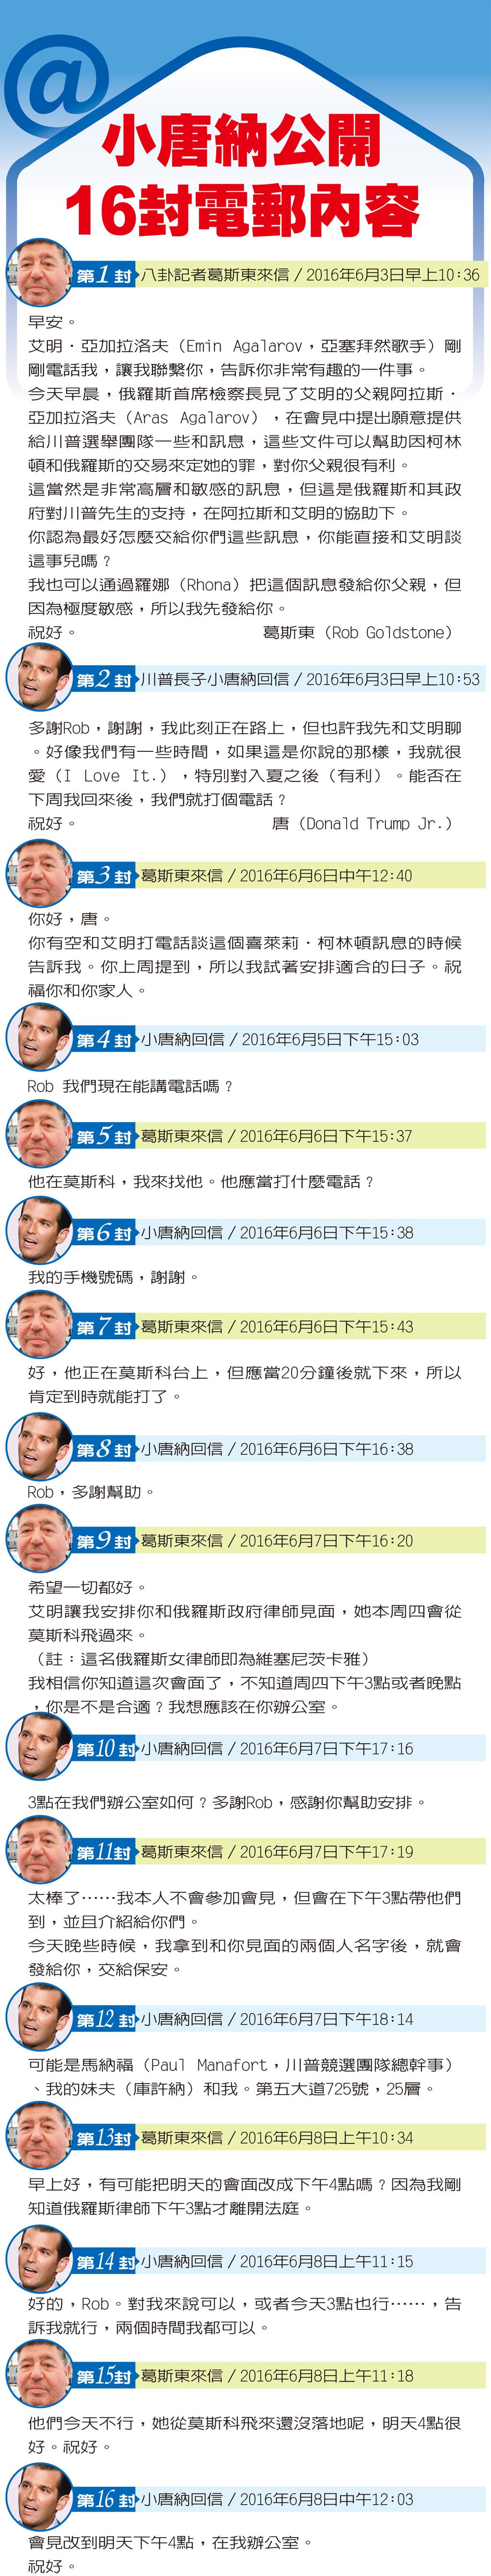 小唐納公布的16封電郵內容。